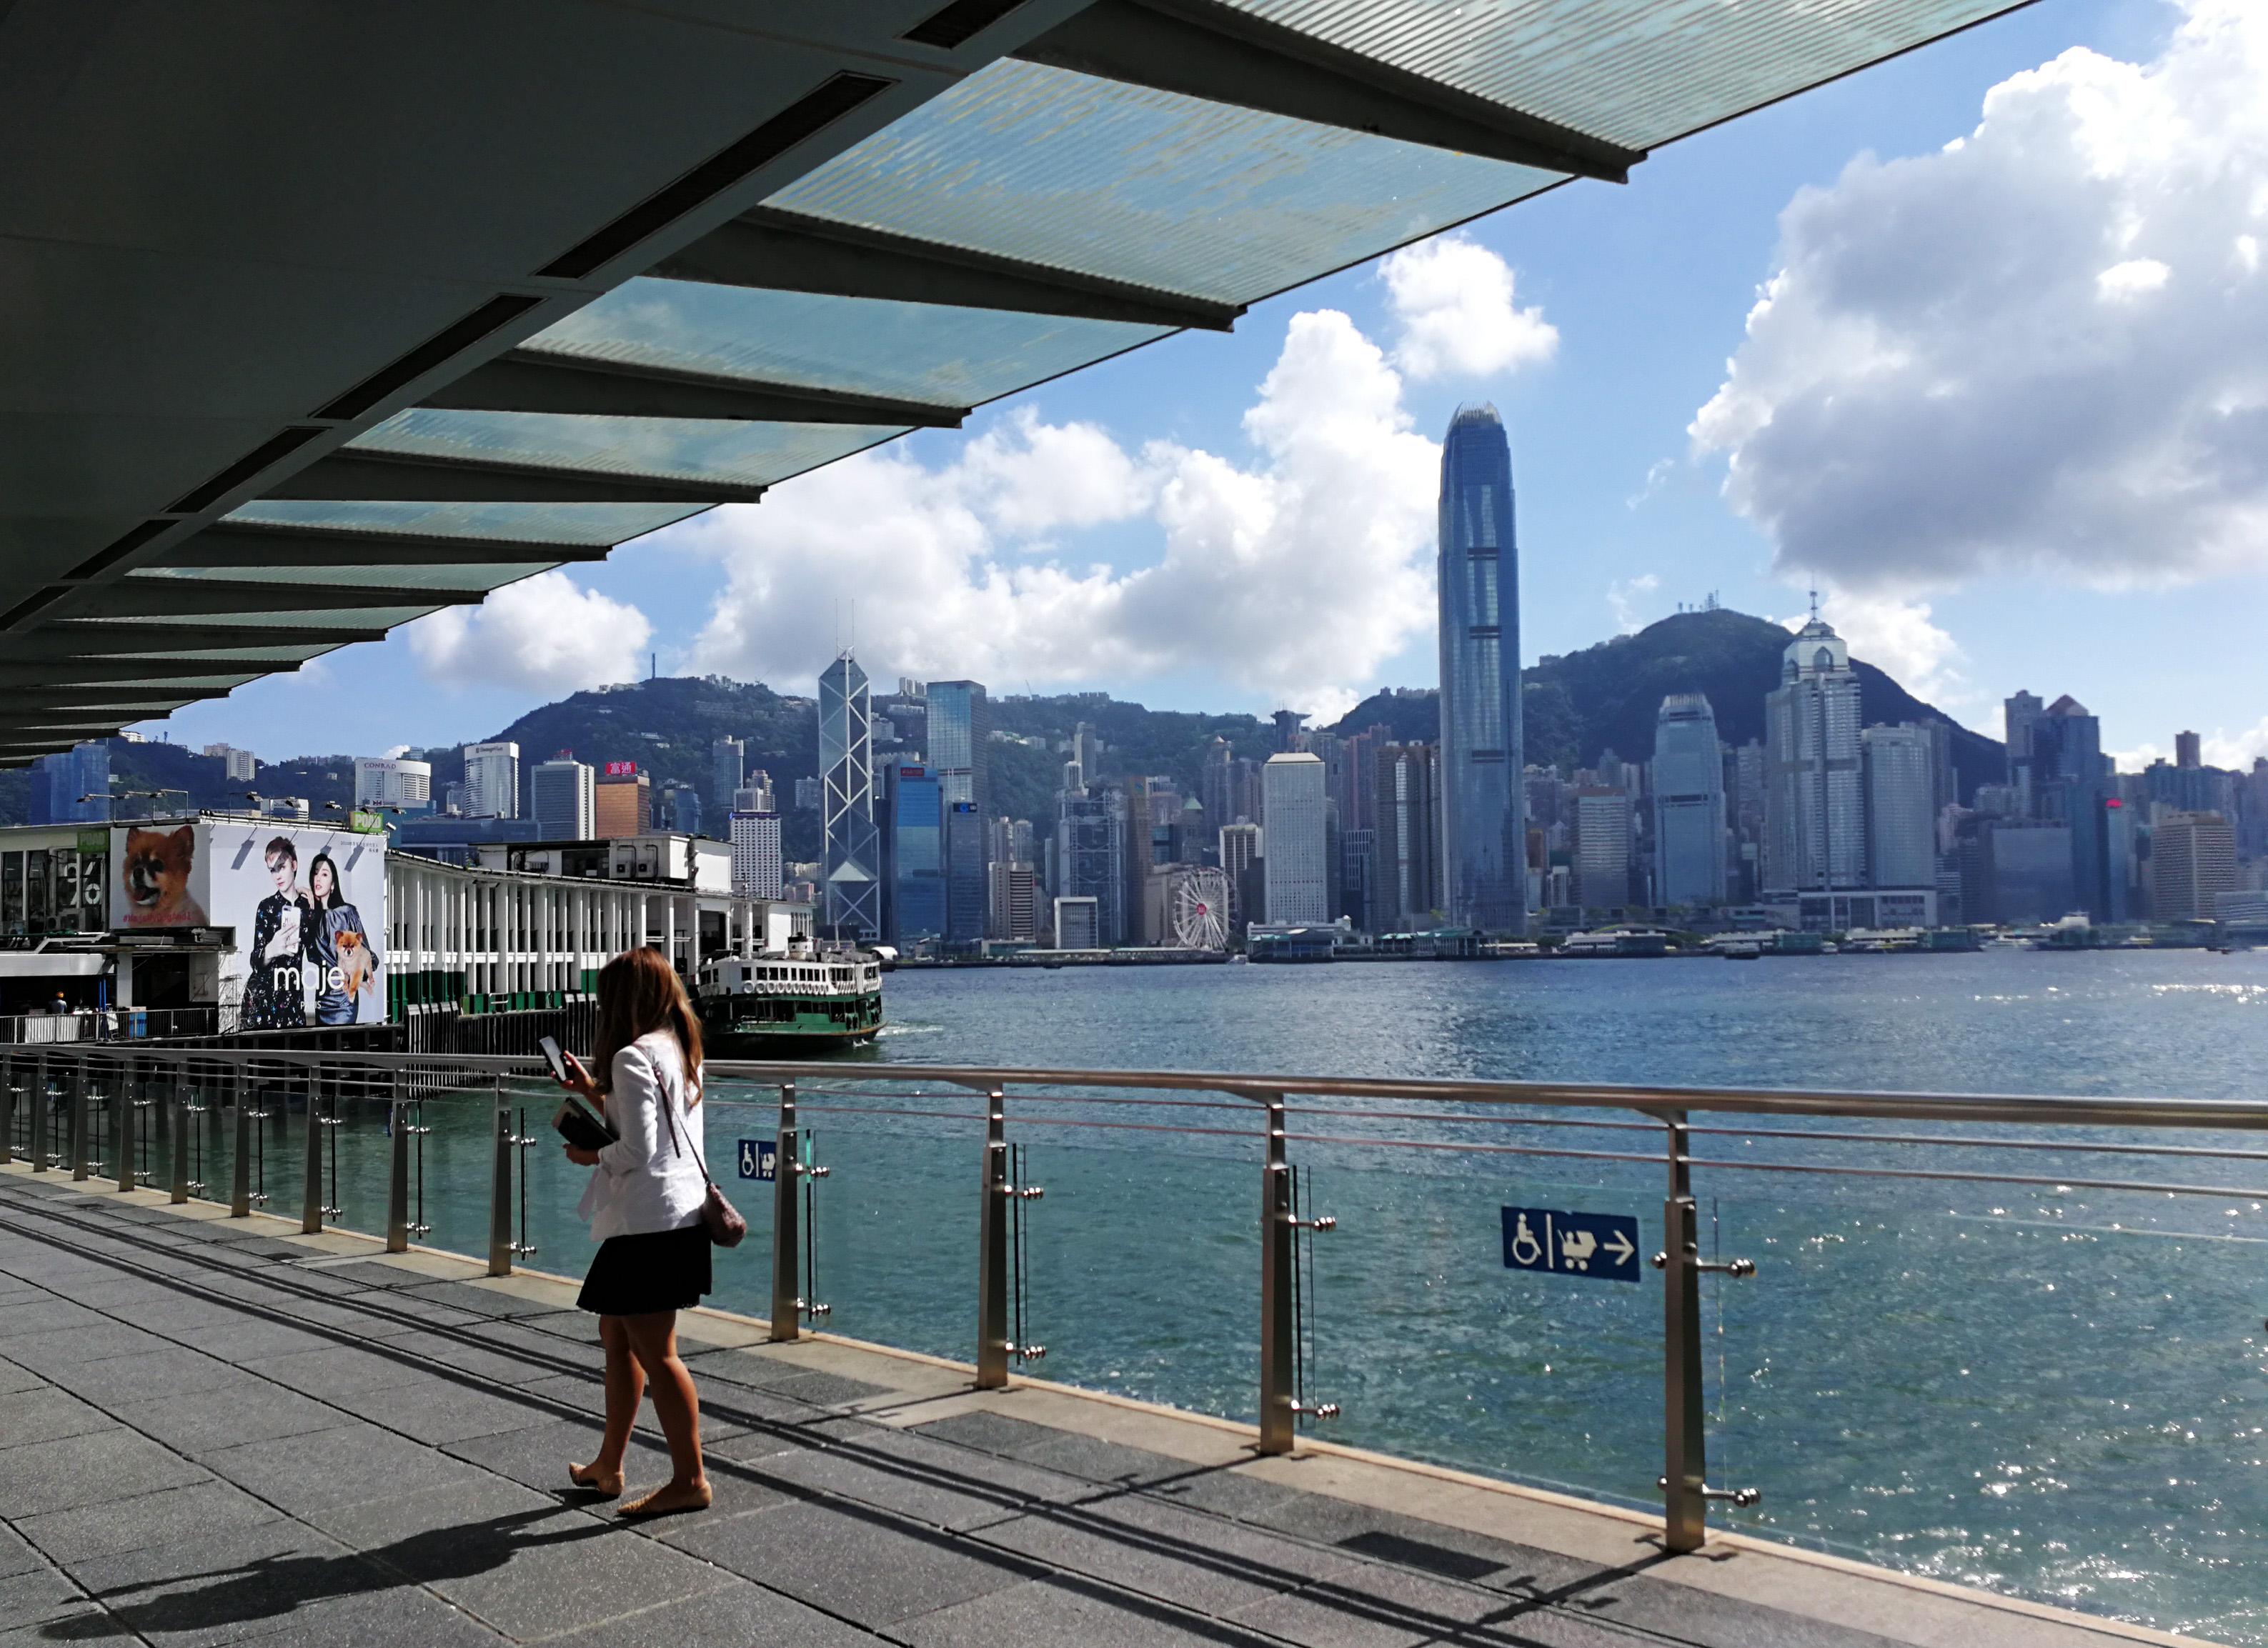 香港、世界競争力ランクで第3位に躍進